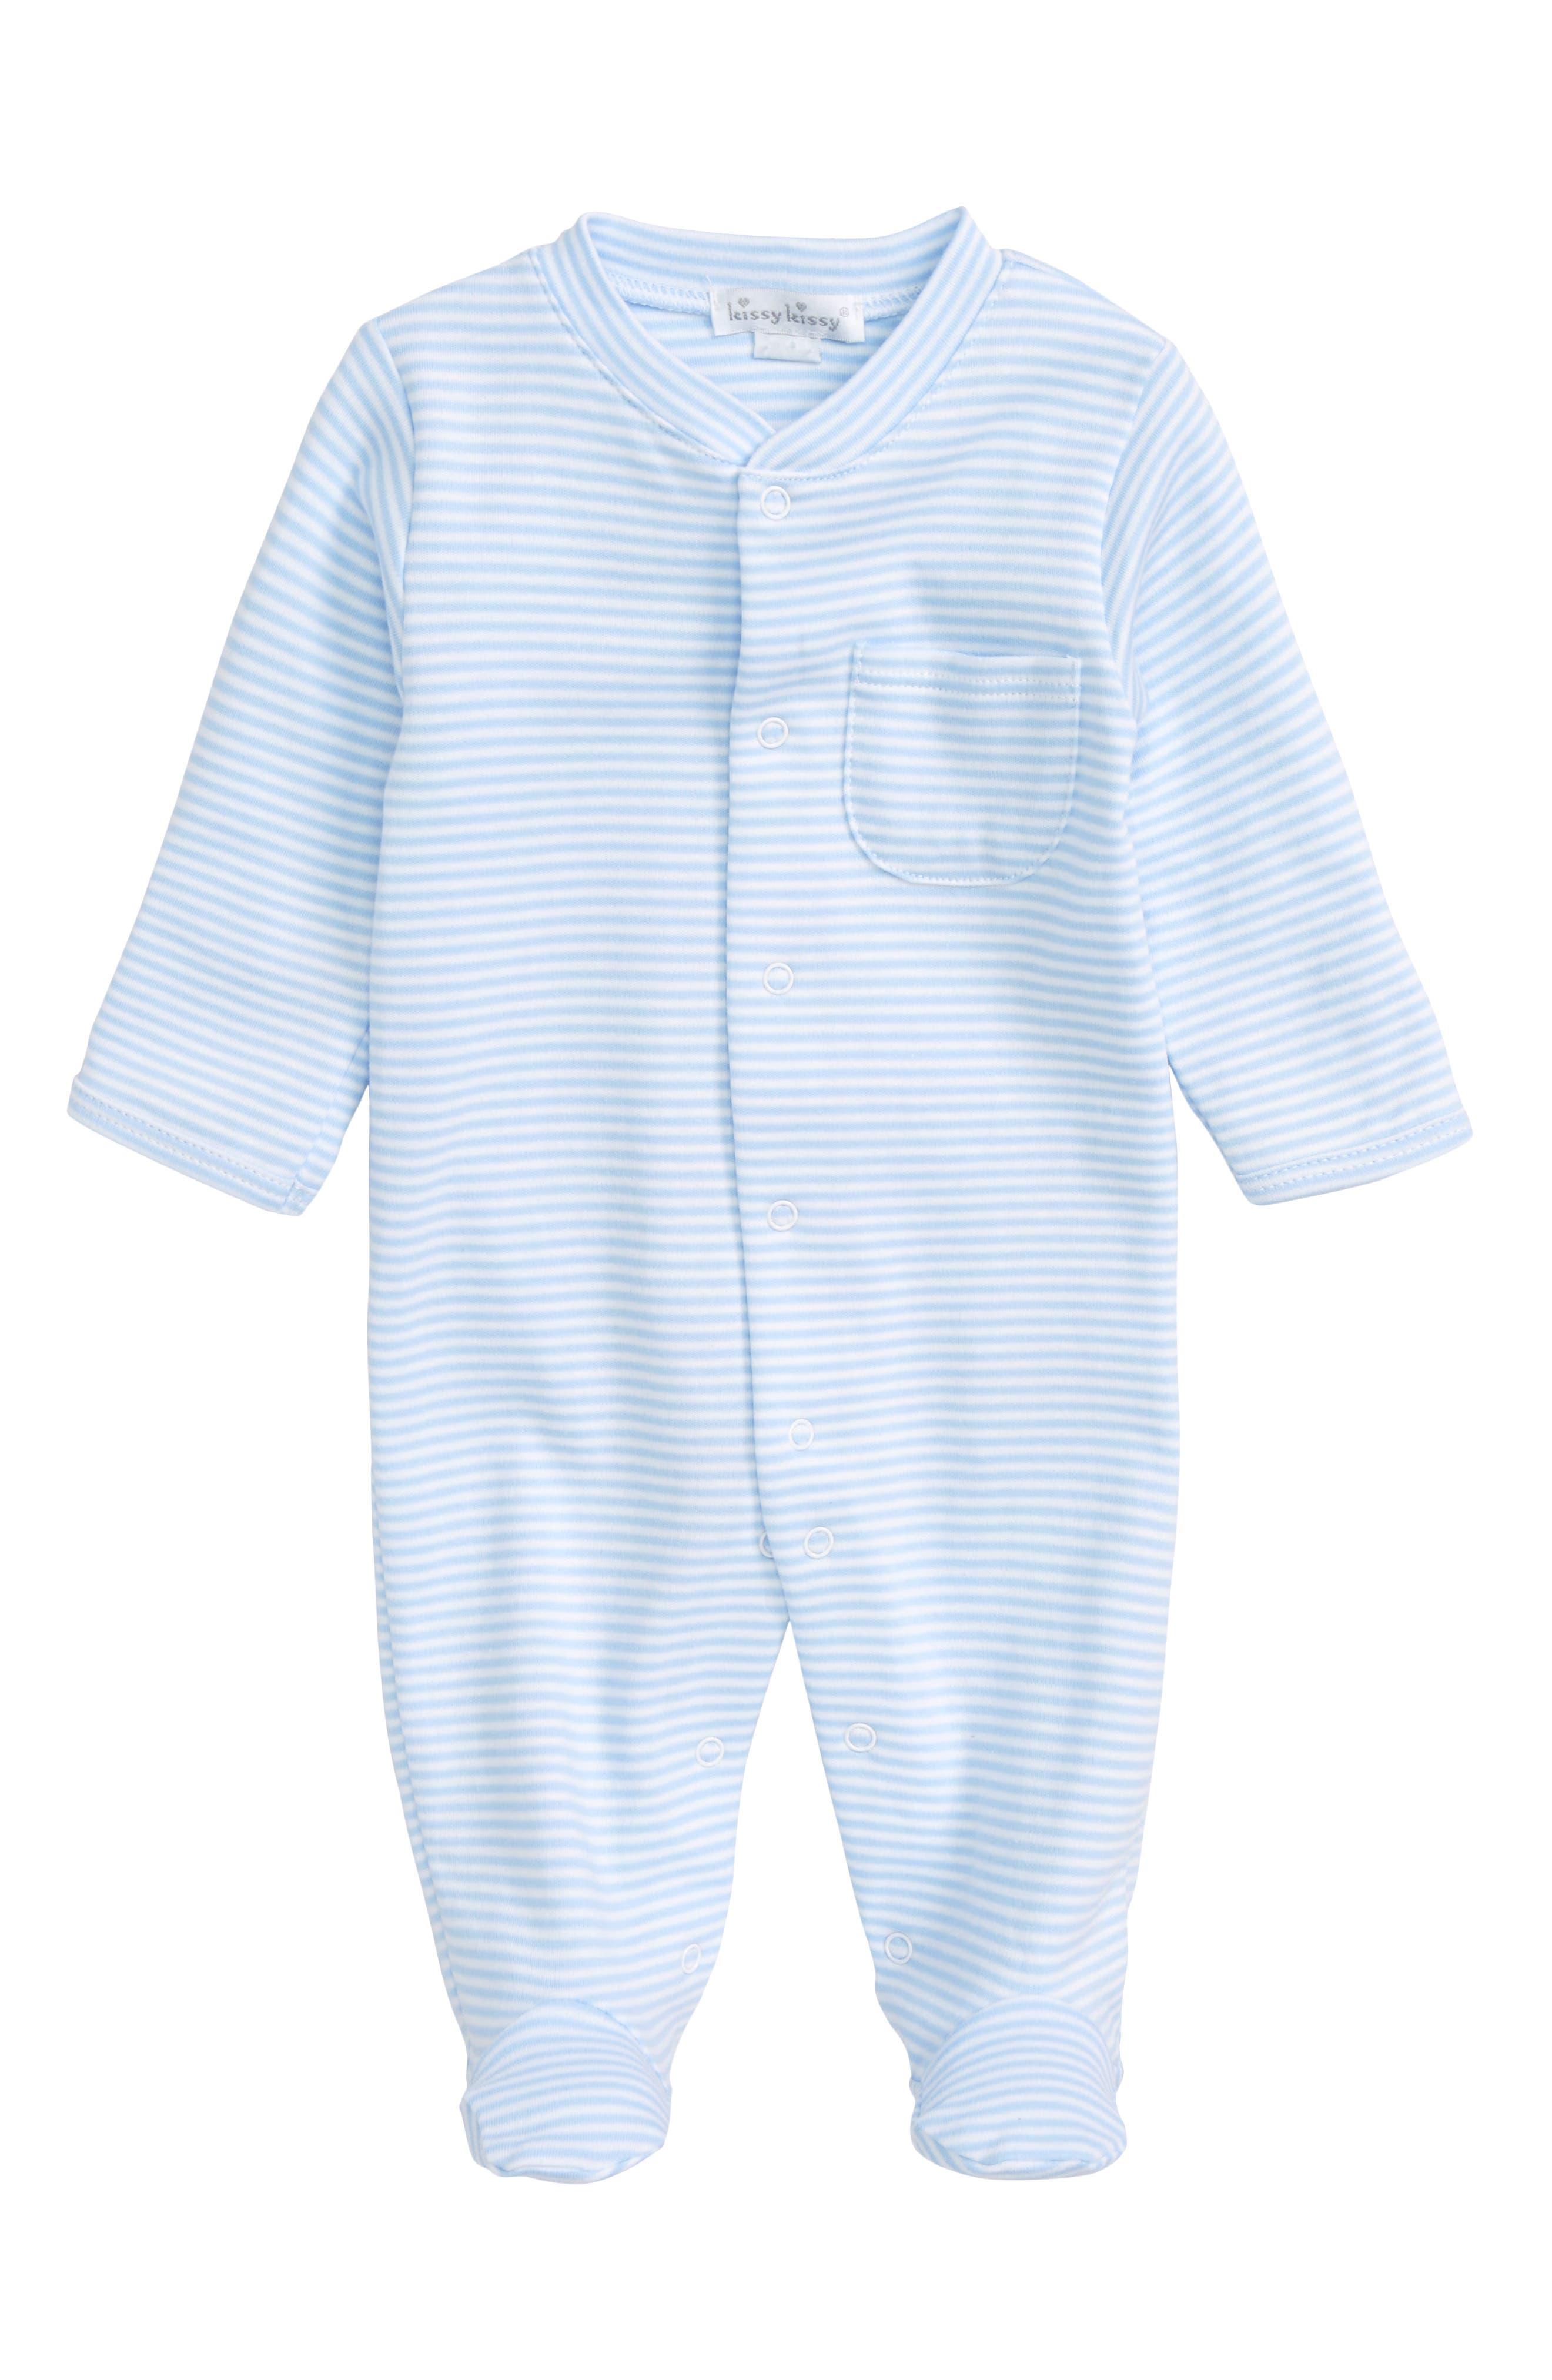 Stripe Pima Cotton Footie,                         Main,                         color, Light Blue